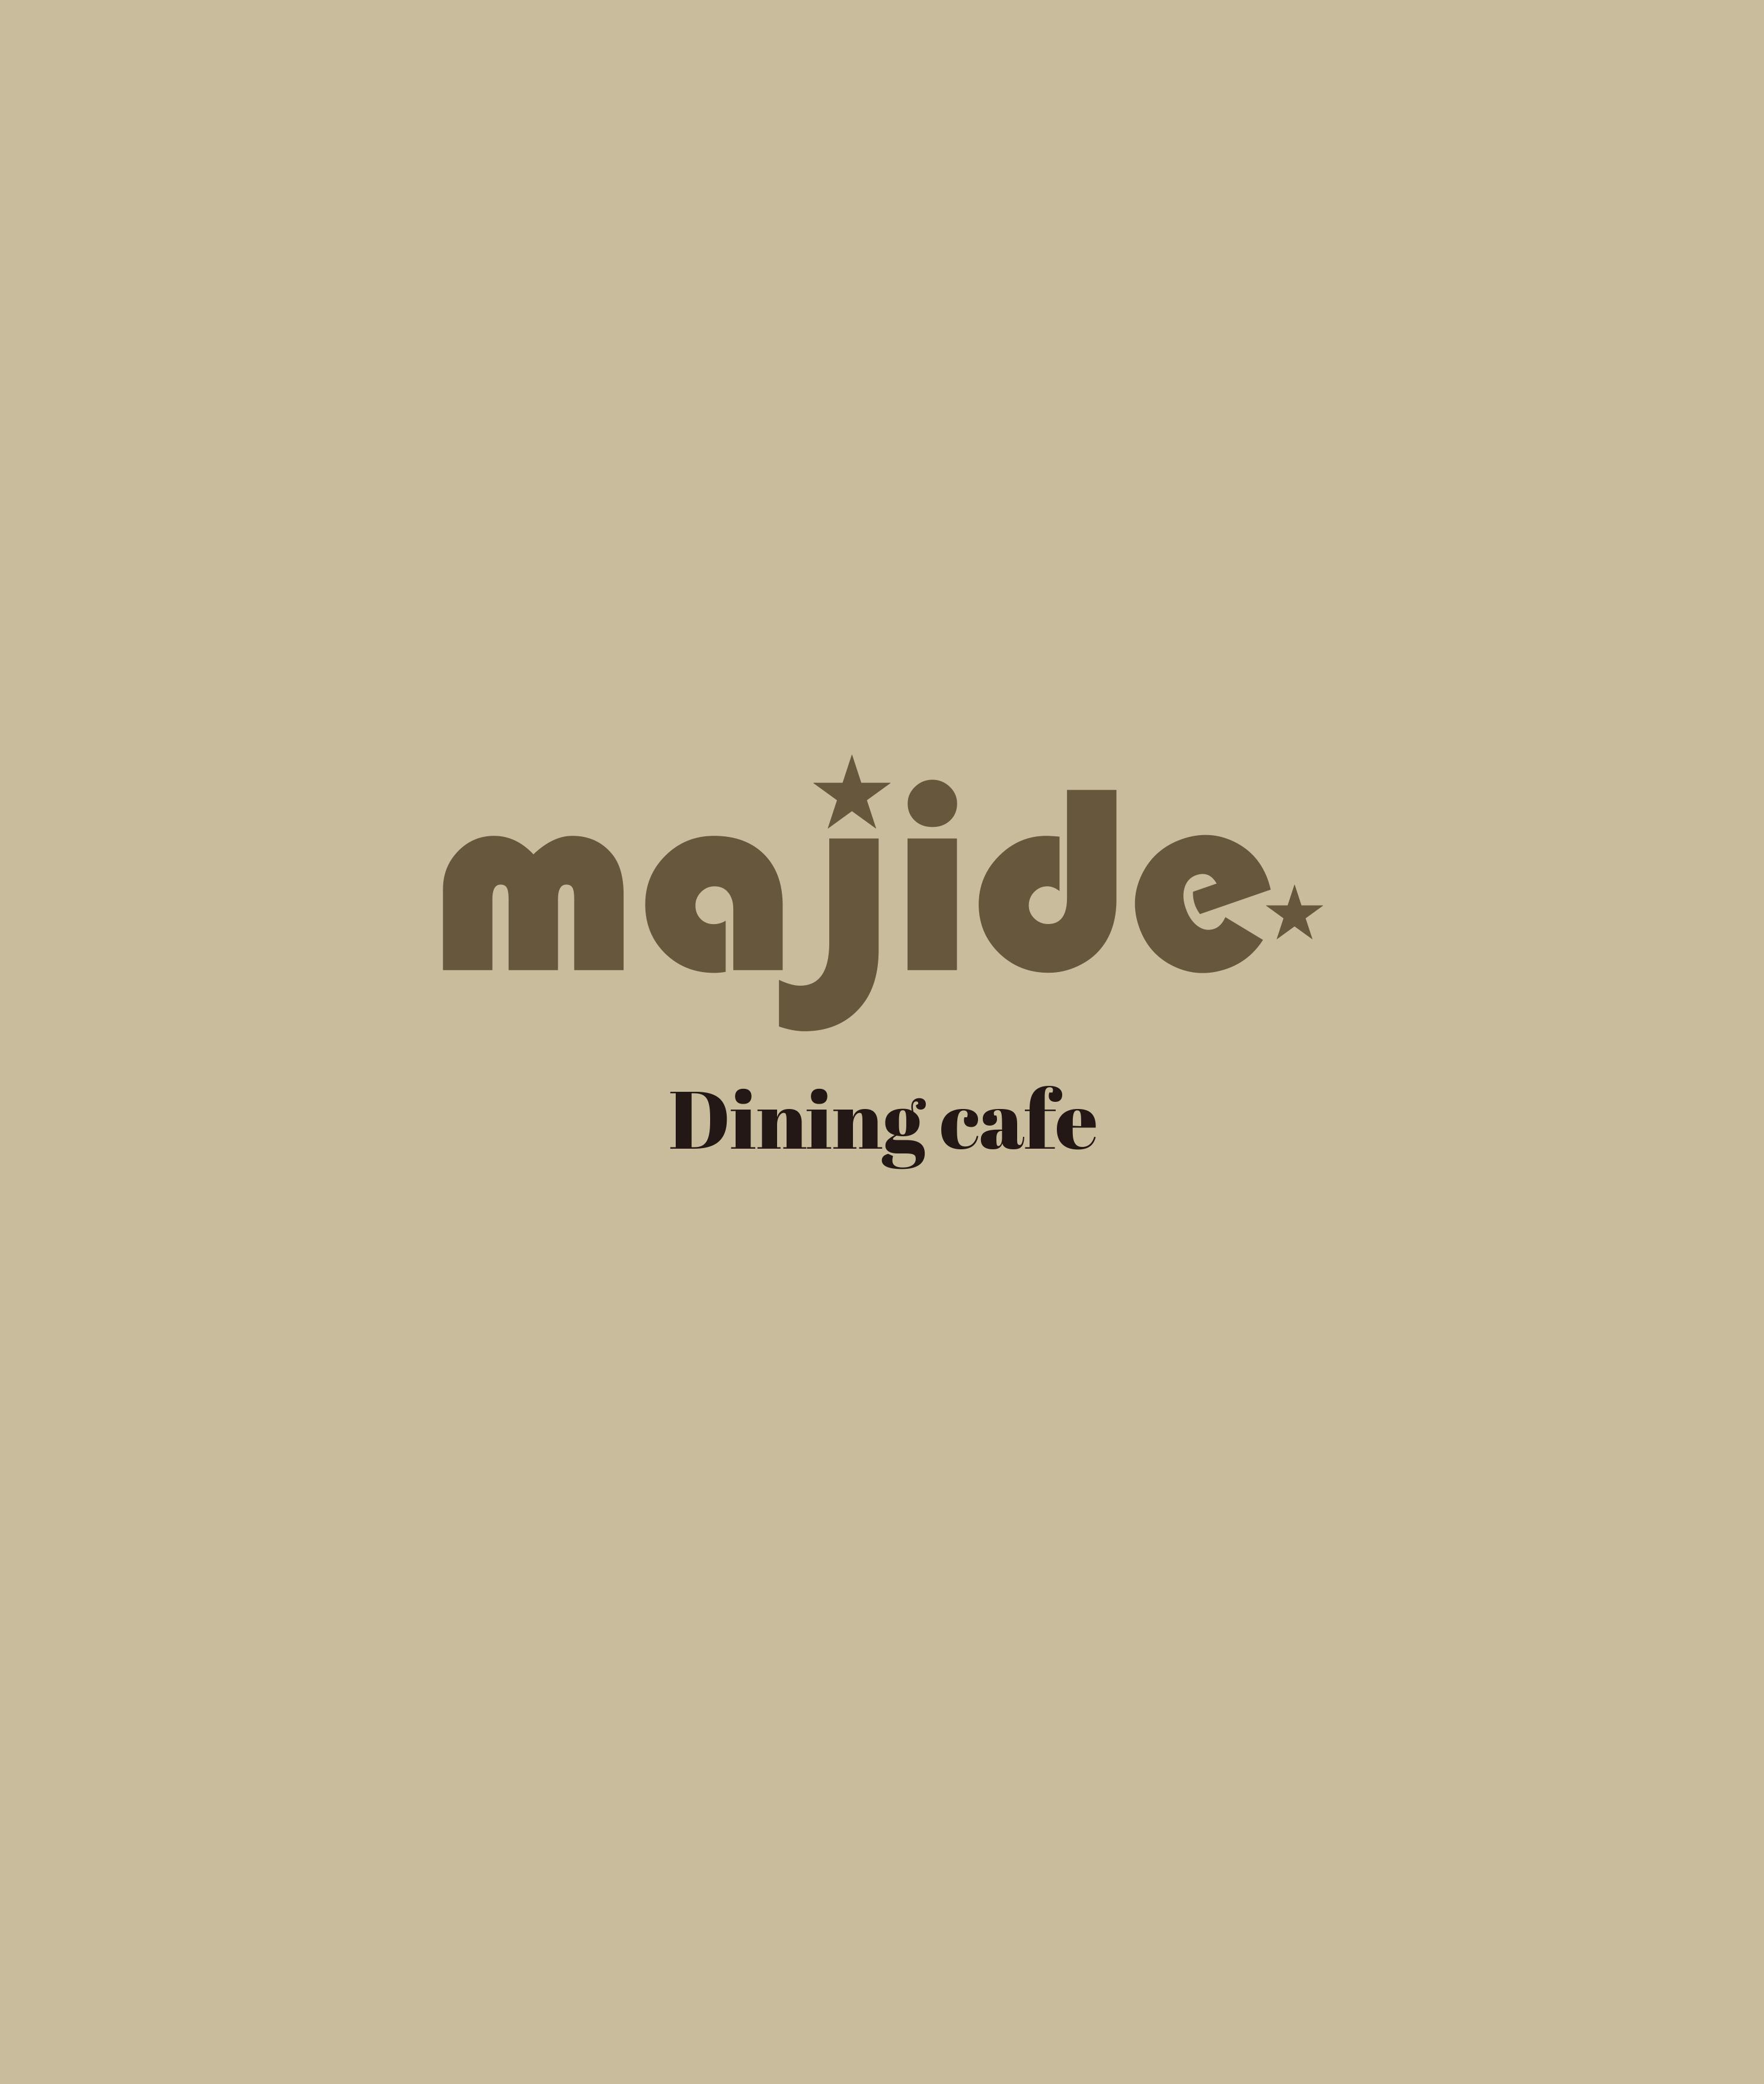 majideの写真